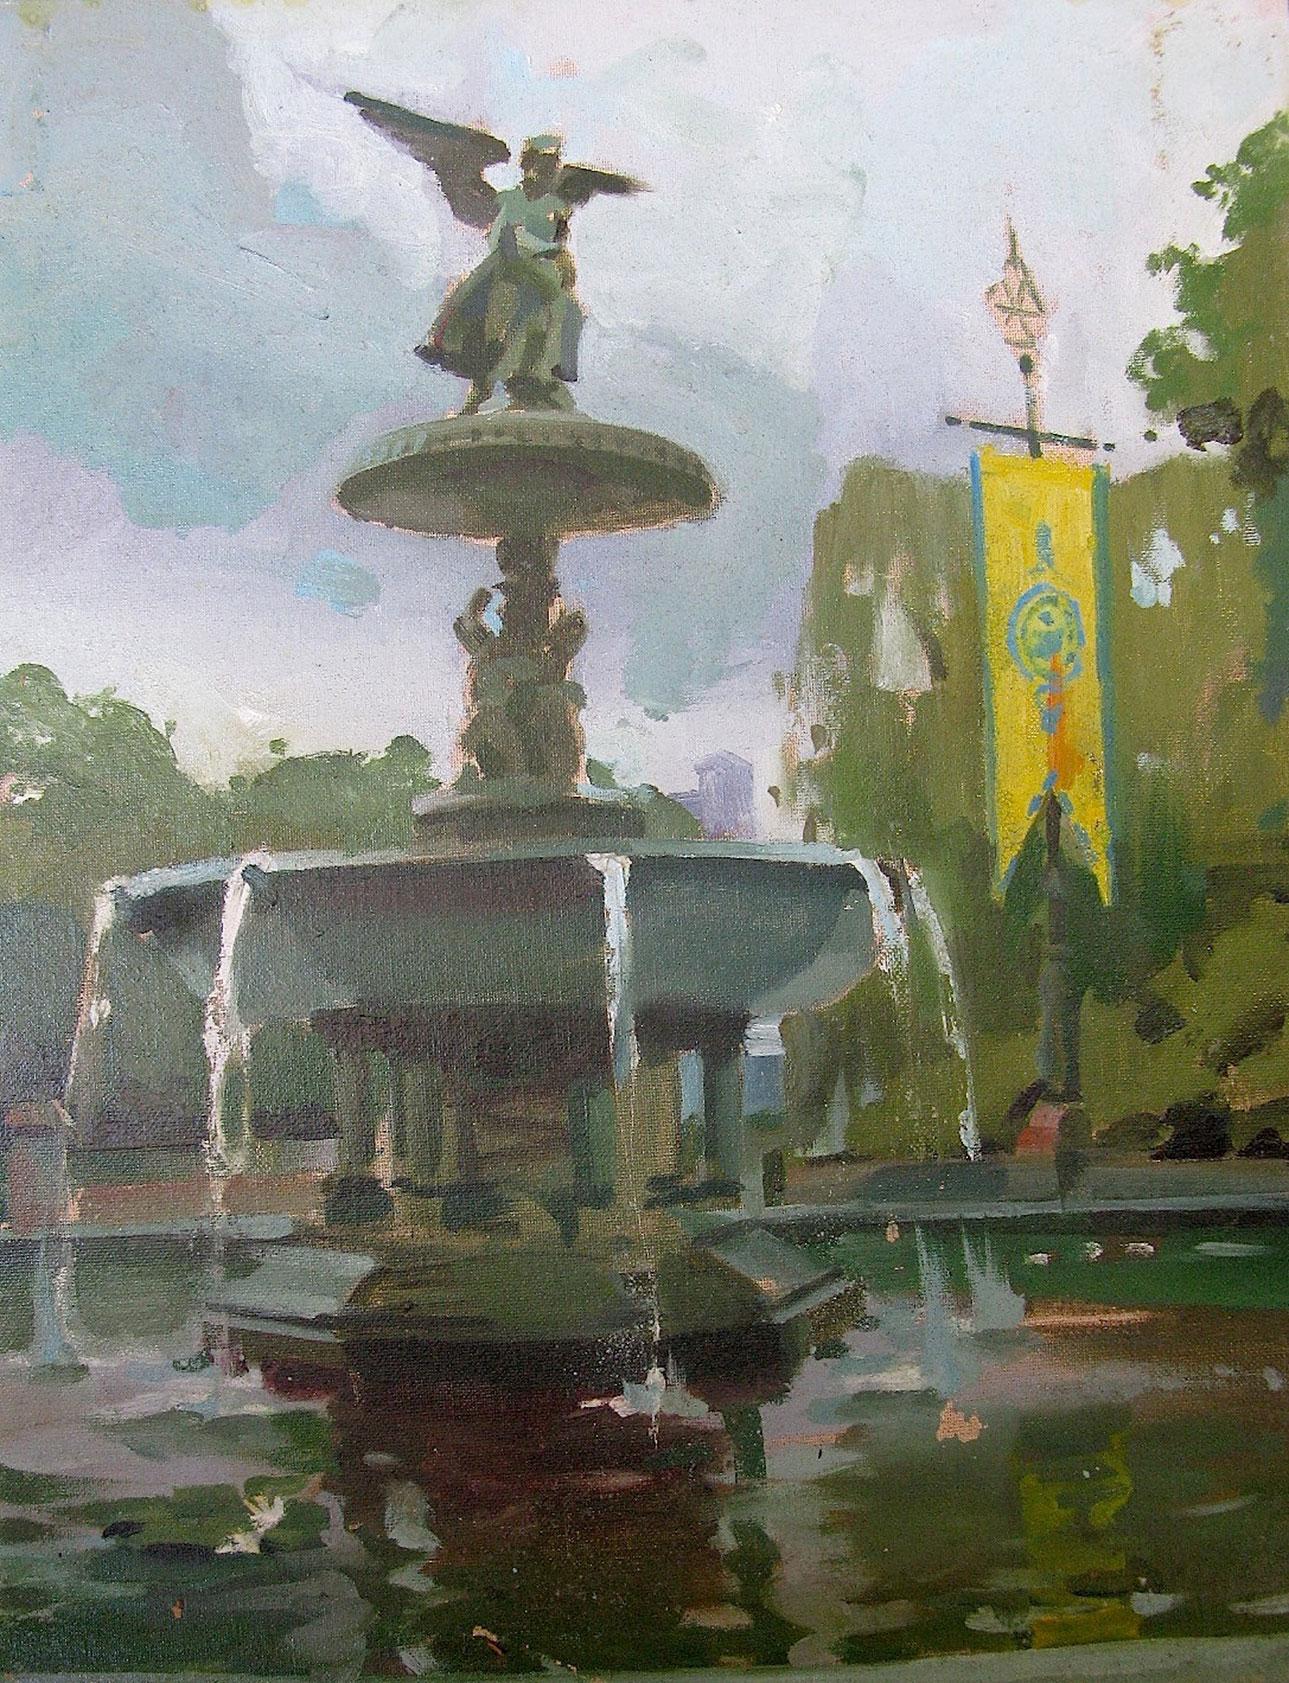 David Benyon Pena, Bethesda Fountain